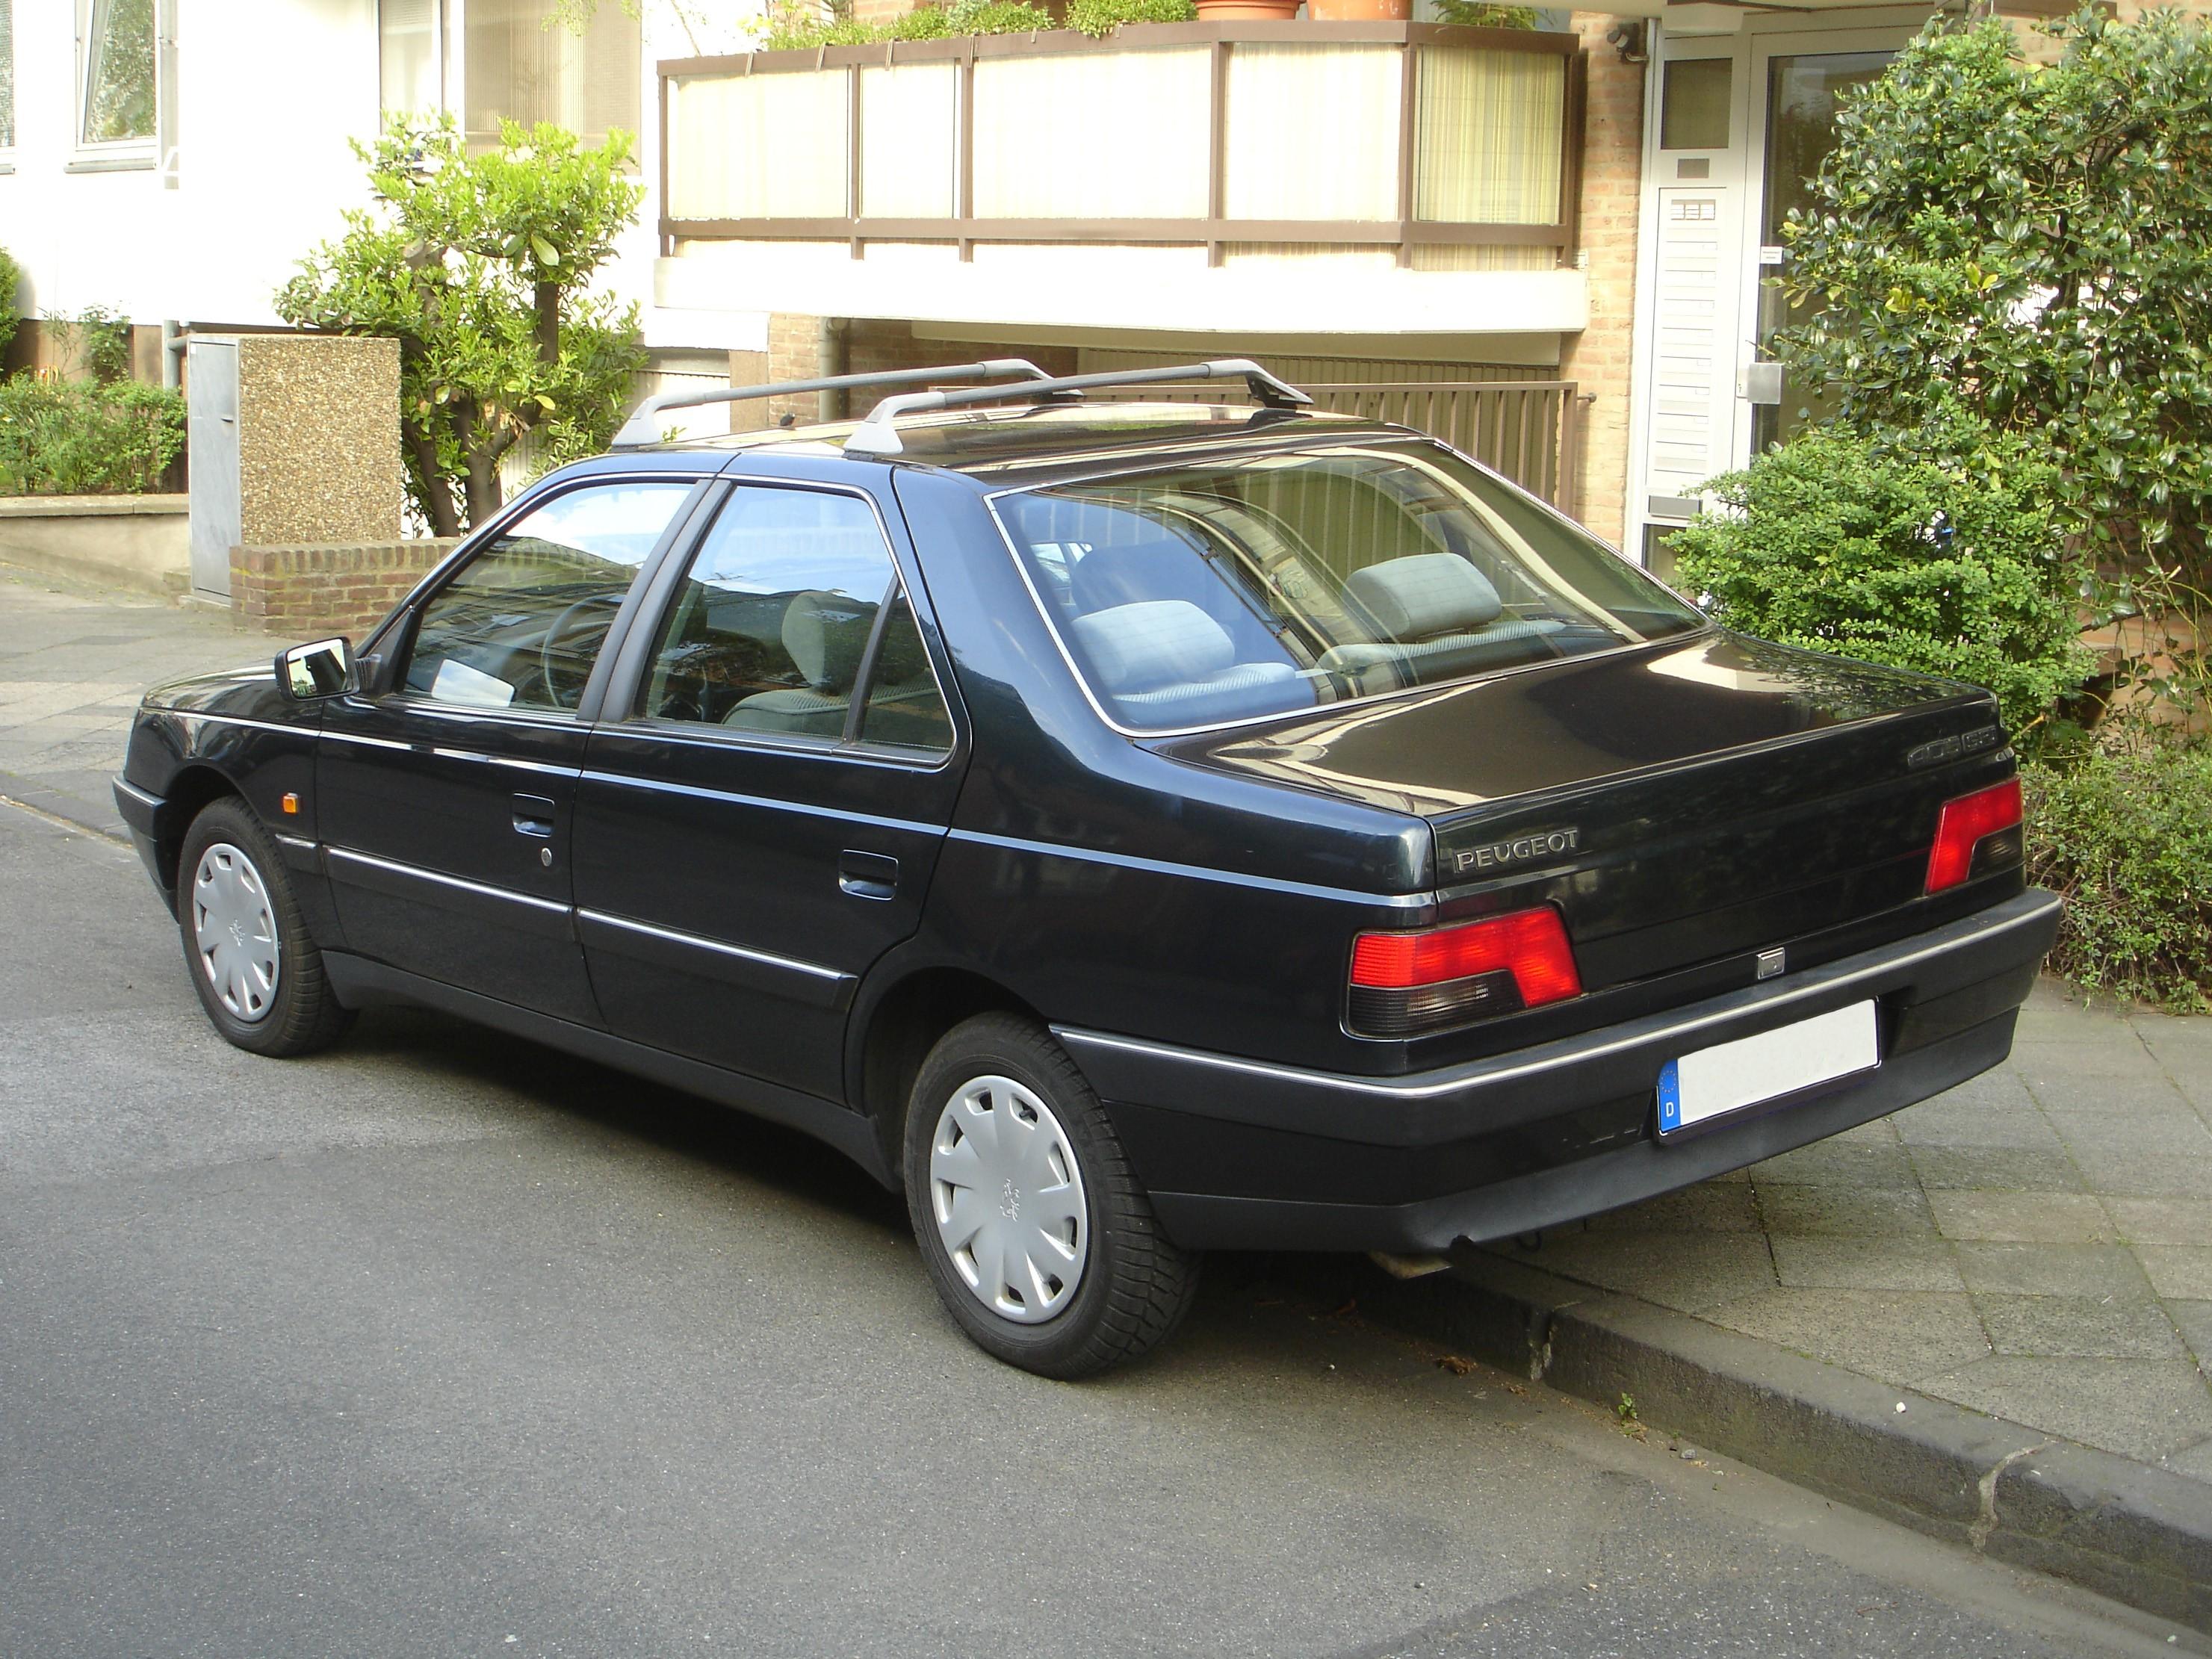 File:Peugeot-405-Limousine-Modell-1993-Heck.jpg